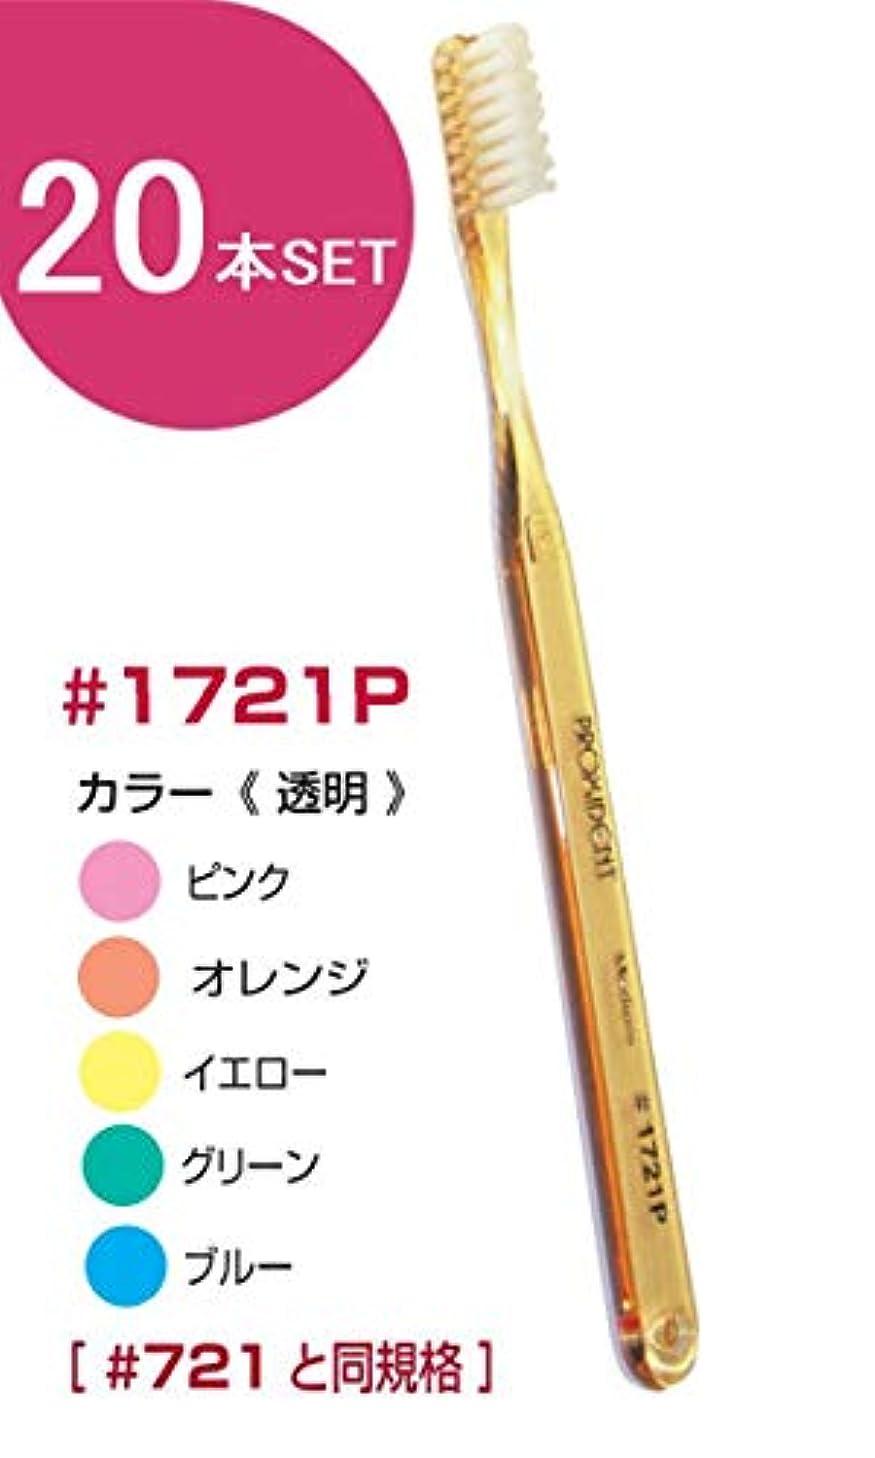 ライン抜け目がないそばにプローデント プロキシデント スリムヘッド M(ミディアム) #1721P(#721と同規格) 歯ブラシ 20本